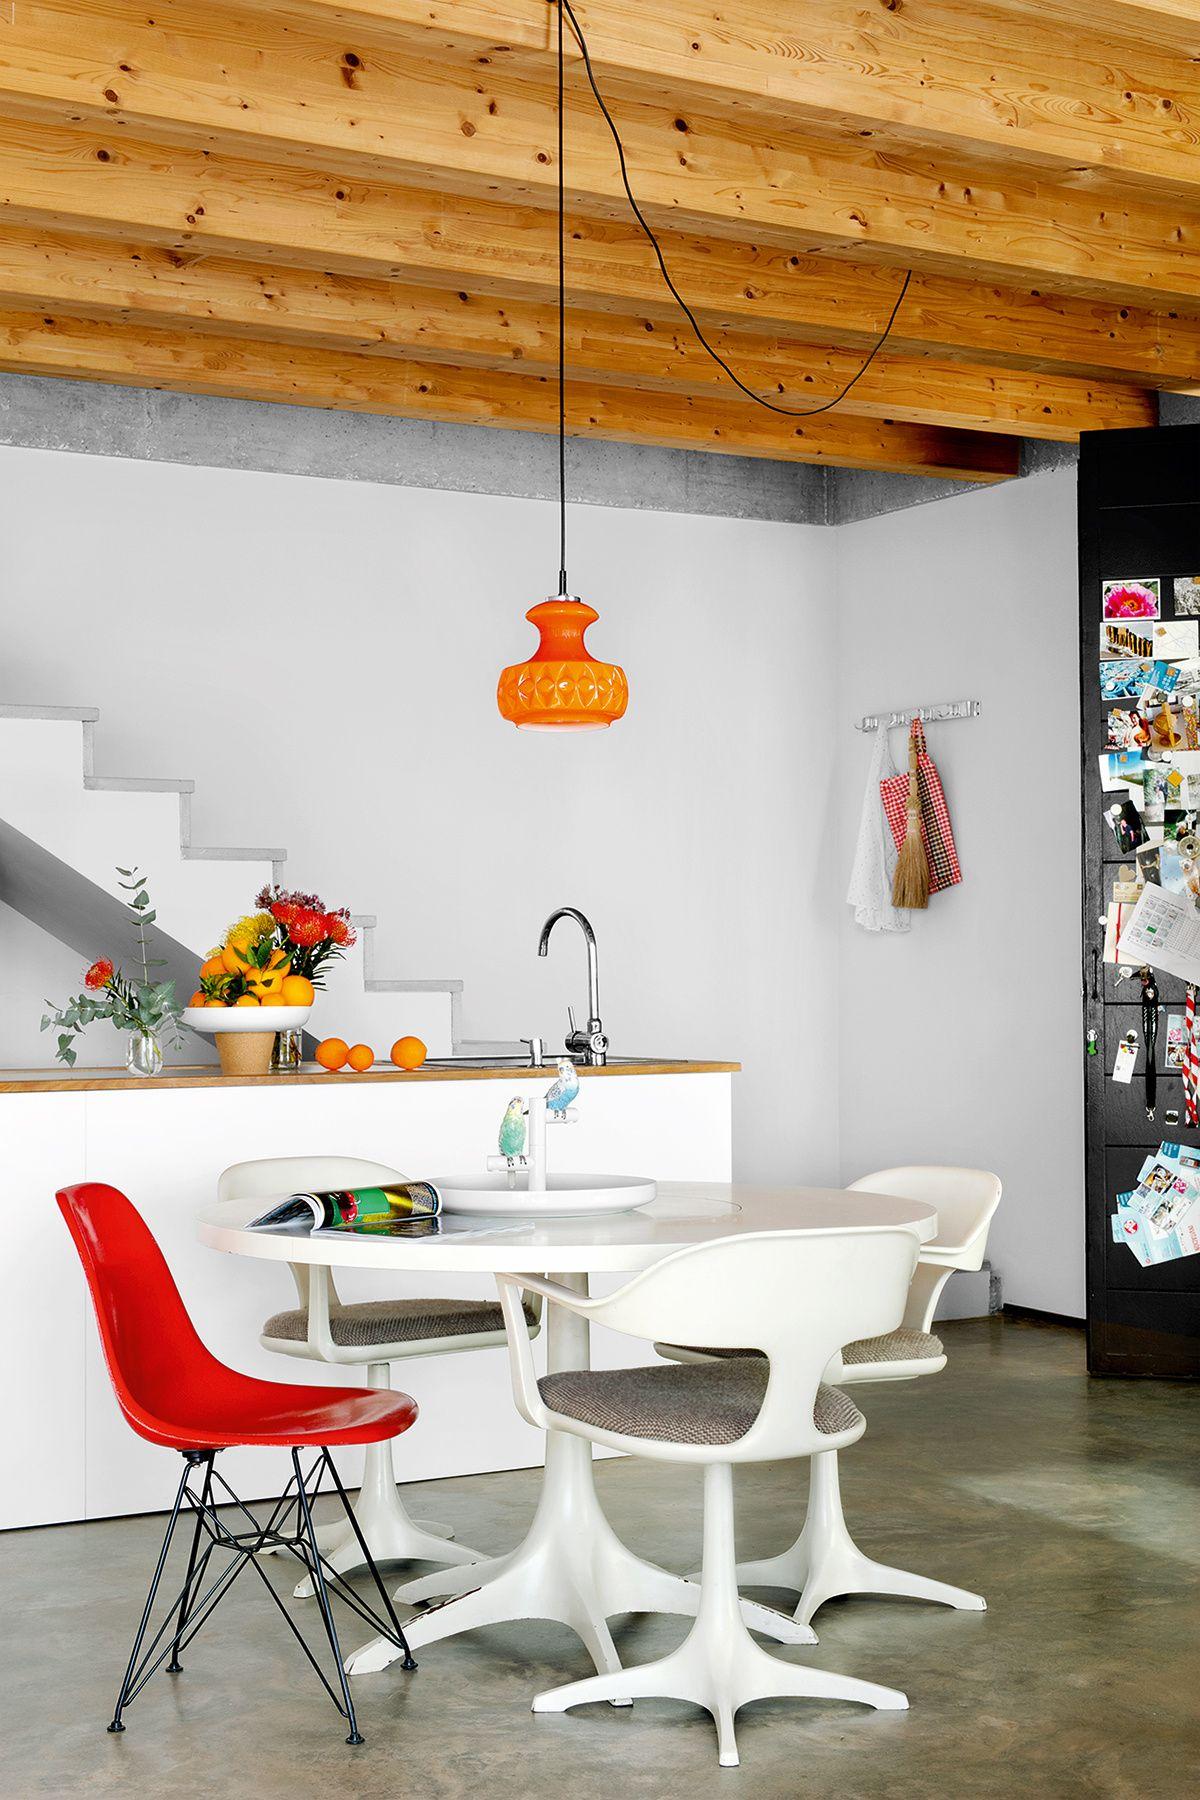 Entorno Inspirador Ad Espa A Klunderbie Cocinas Pinterest  # Muebles De Cocina Jaque Mate